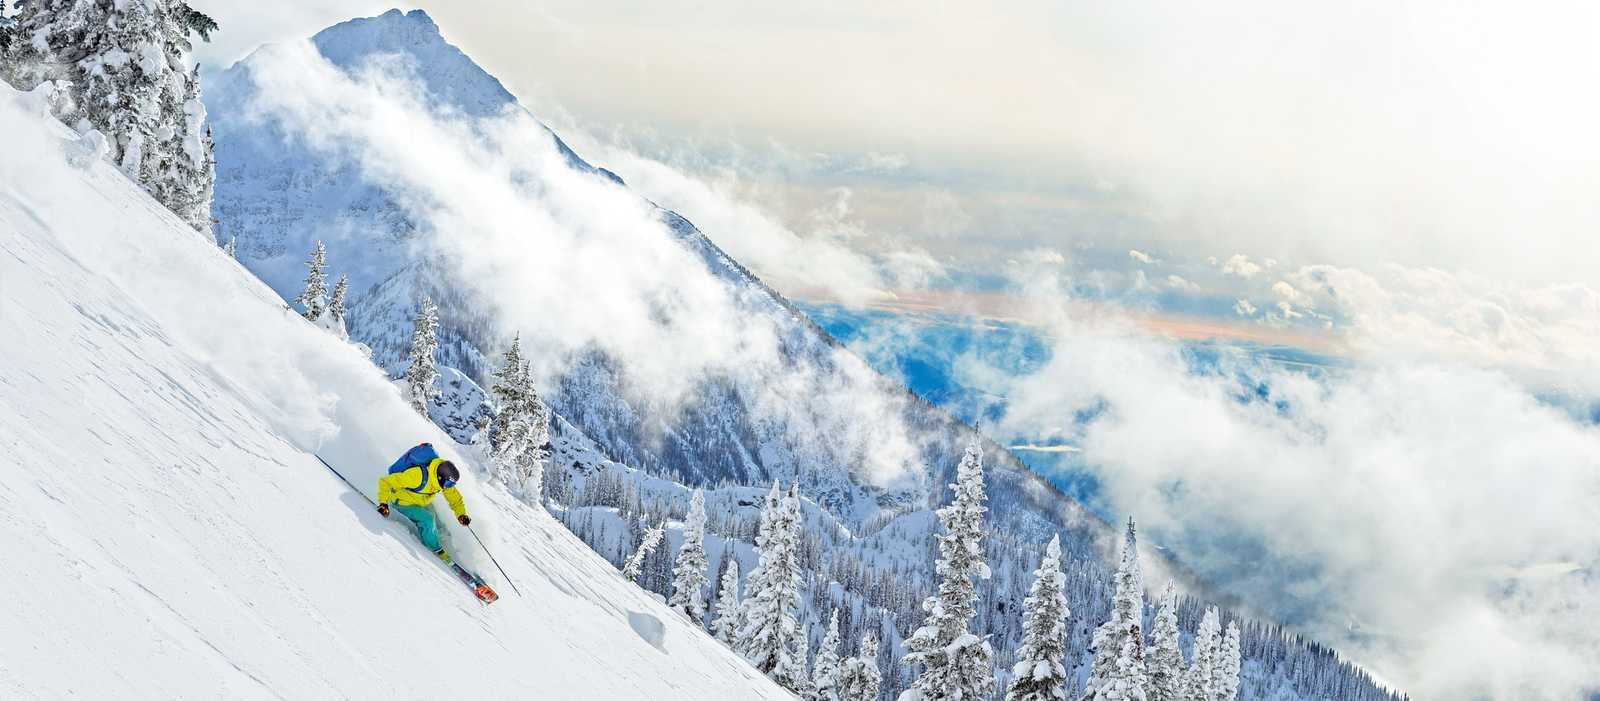 KC Deane skiing at Revelstoke